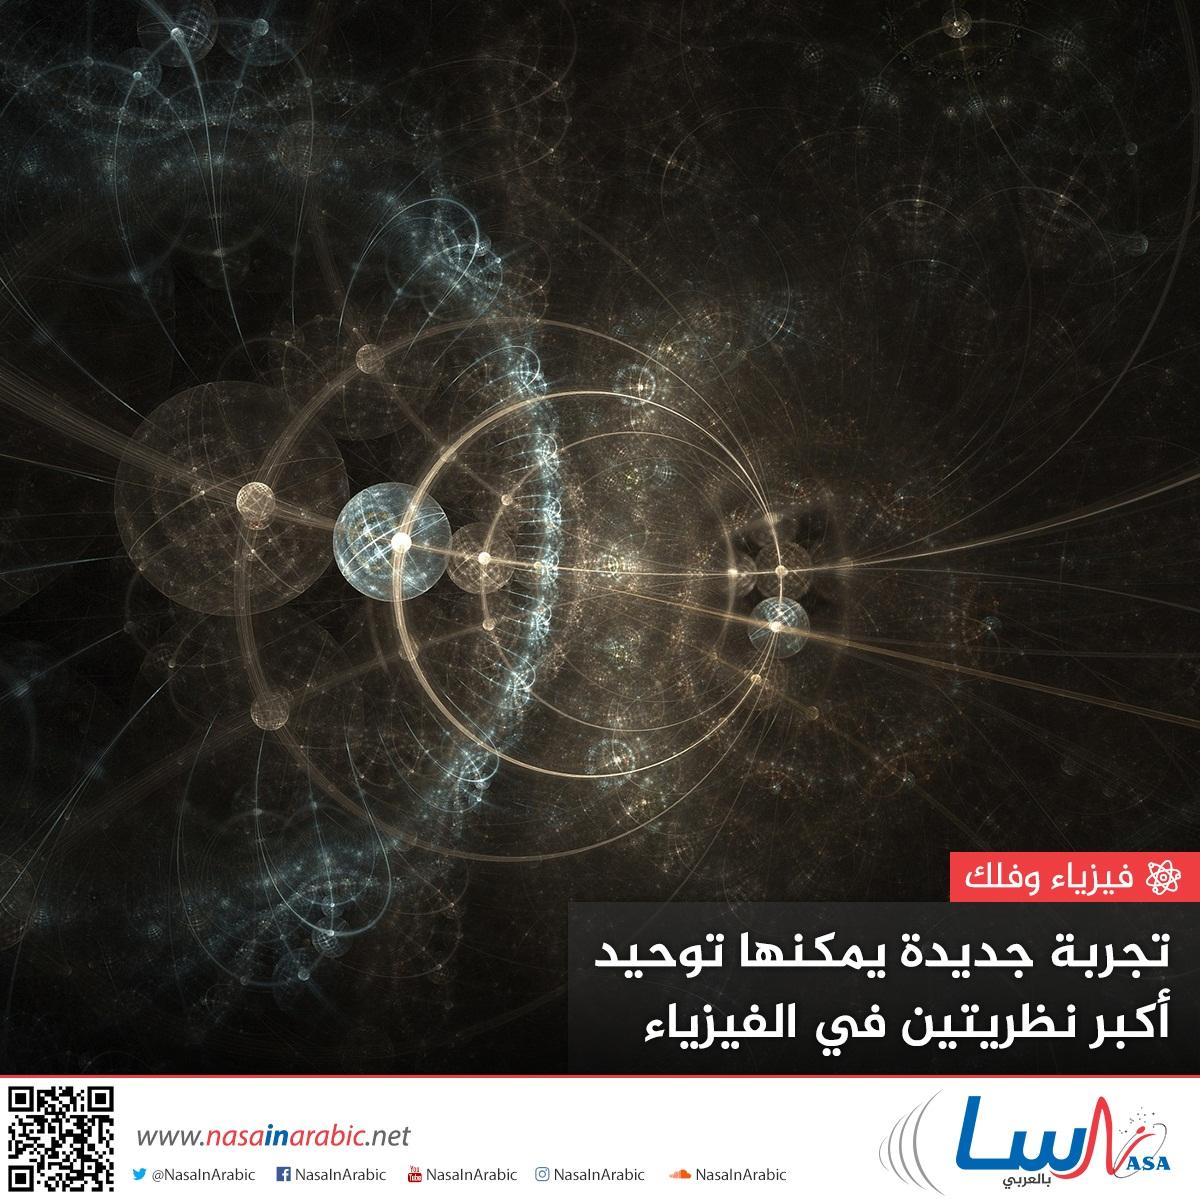 تجربة جديدة يمكنها توحيد أكبر نظريتين في الفيزياء